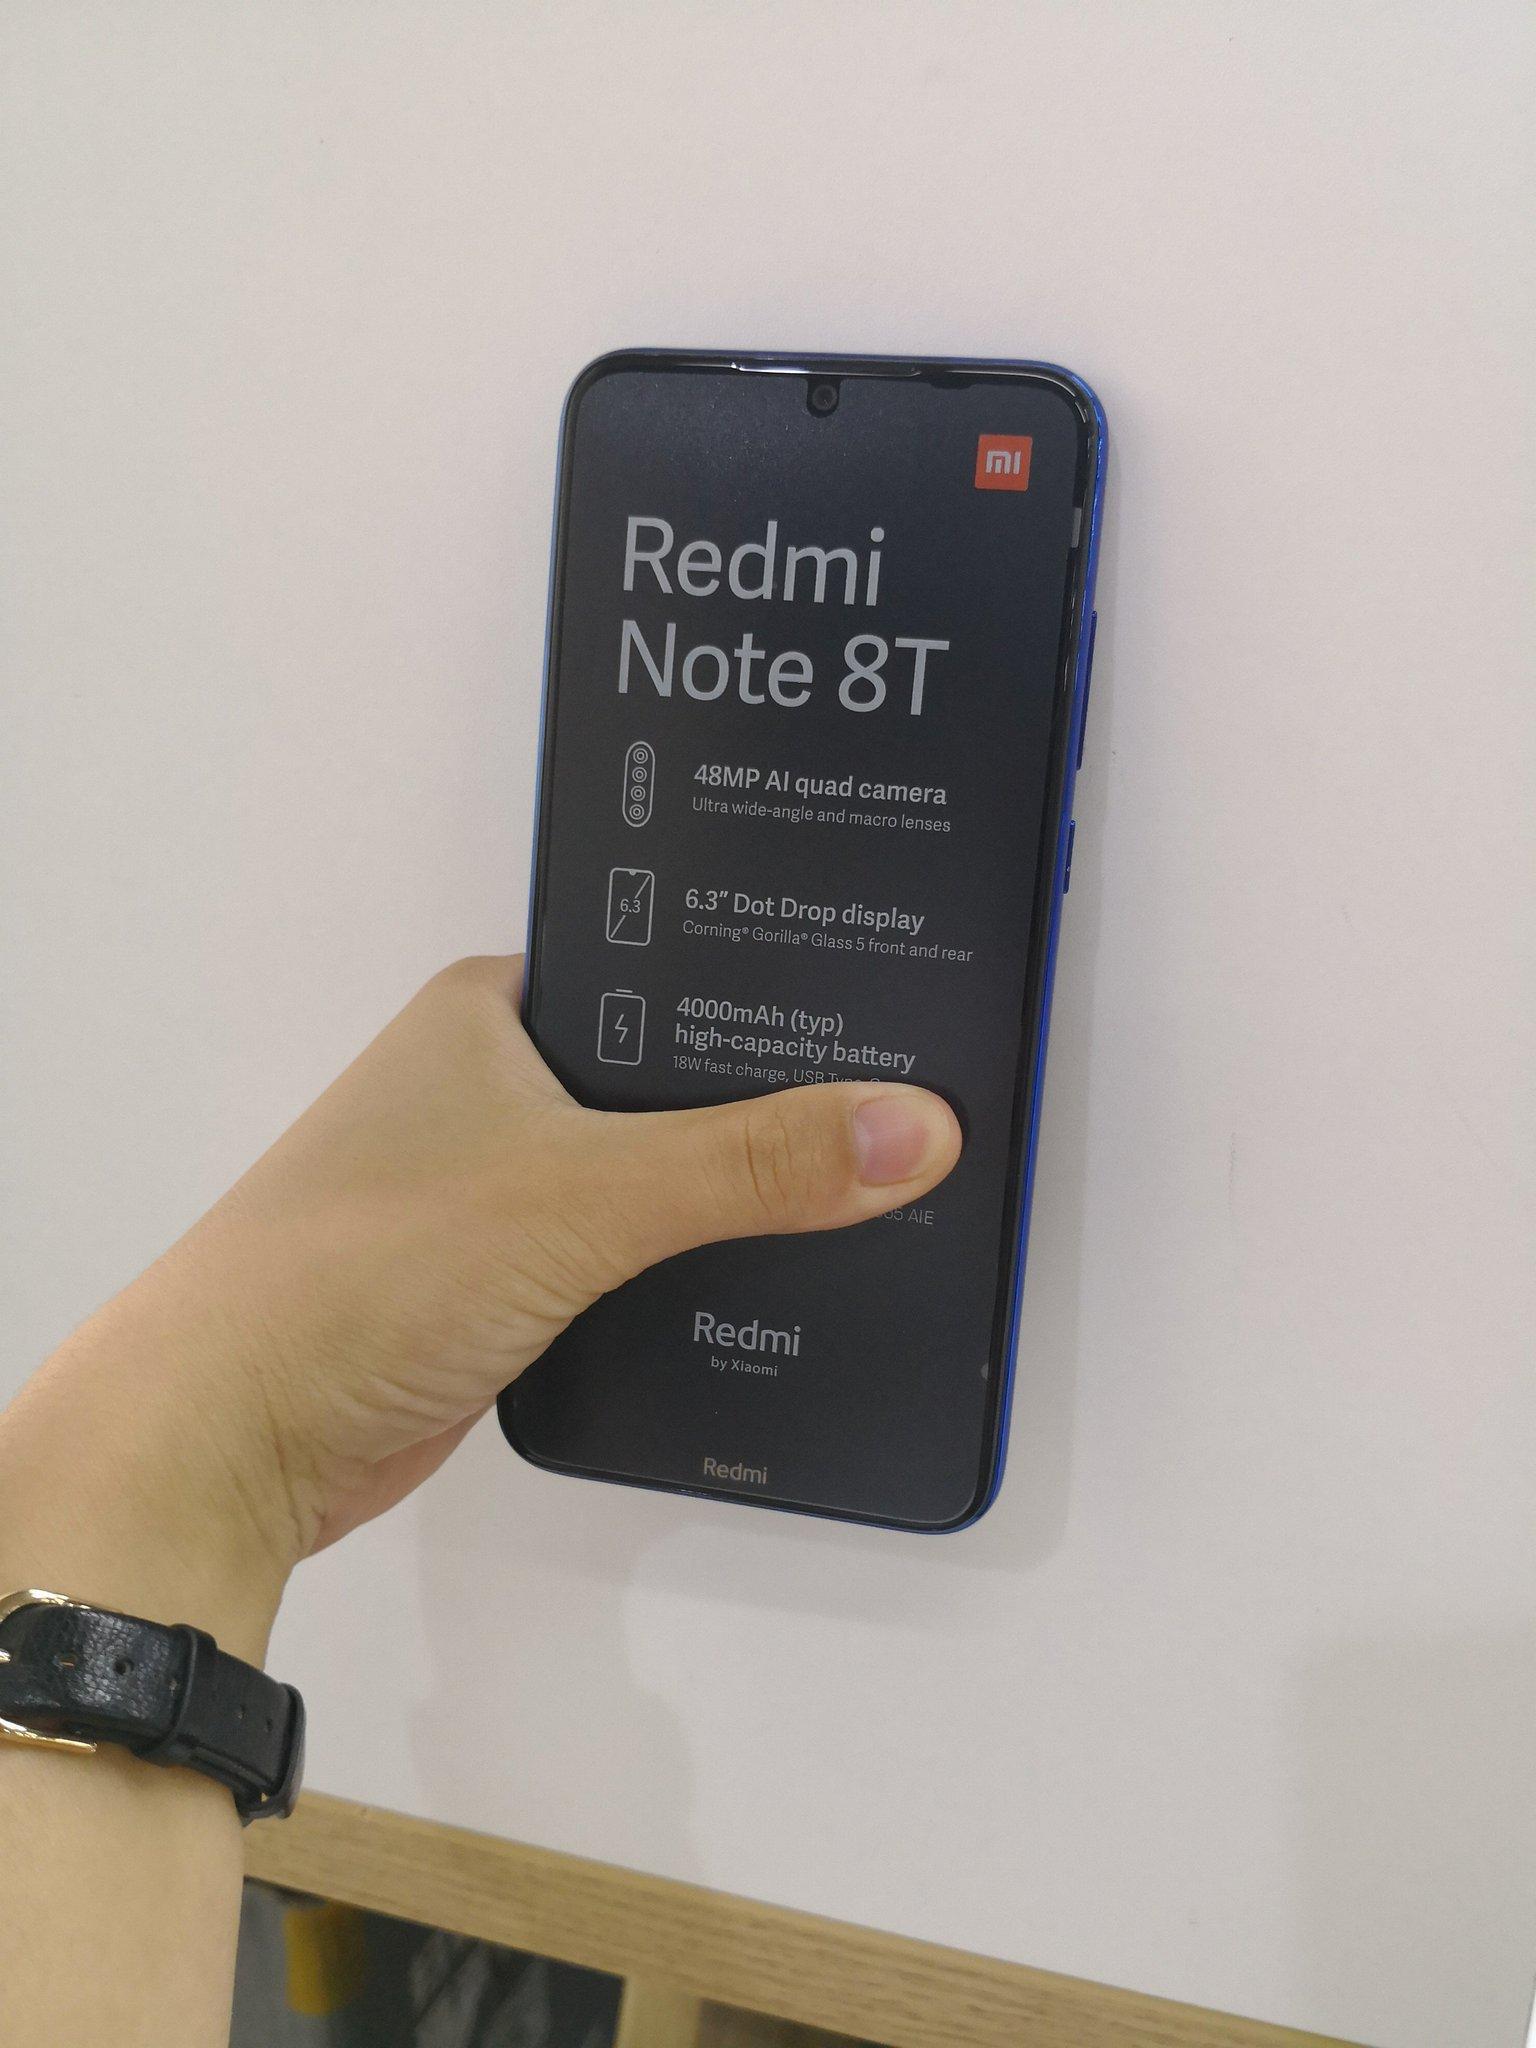 Xiaomi Redmi Note 8T cena kiedy premiera plotki przecieki wycieki specyfikacja techniczna gdzie kupić najtaniej w Polsce